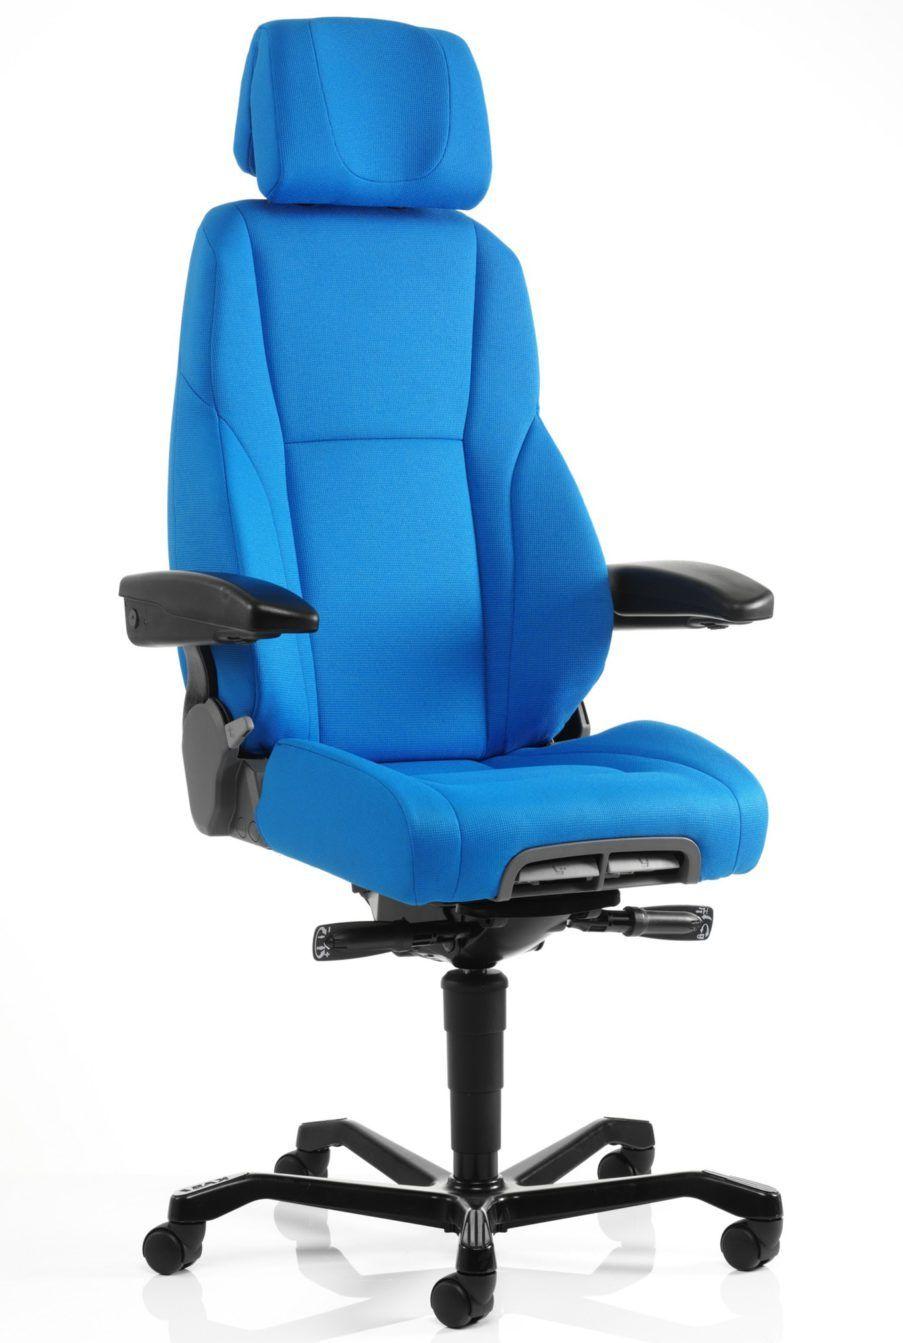 Seat Pad For Office Chair Sitzkissen Fur Stuhle Stuhle Und